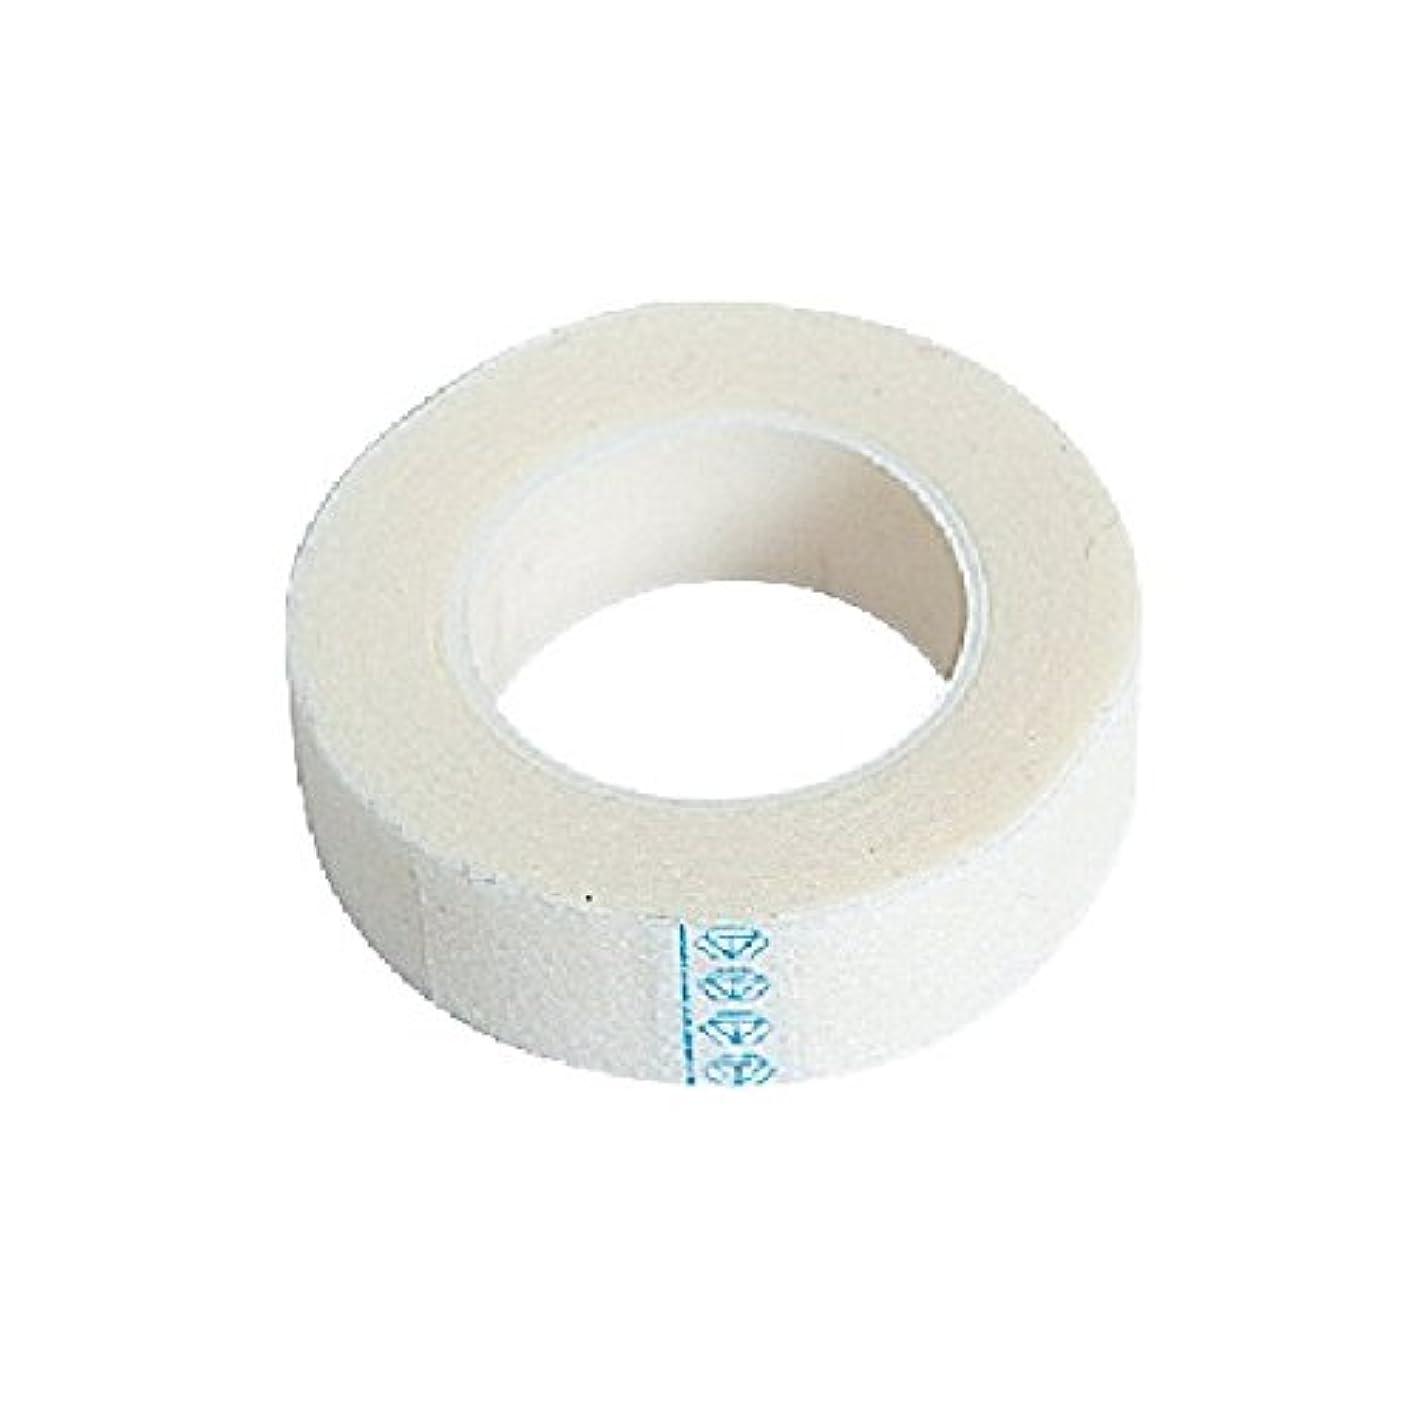 モザイクシプリー体操選手まつげエクステ 下まつげ(下まつ毛)保護テープ サージカルテープ (1個)